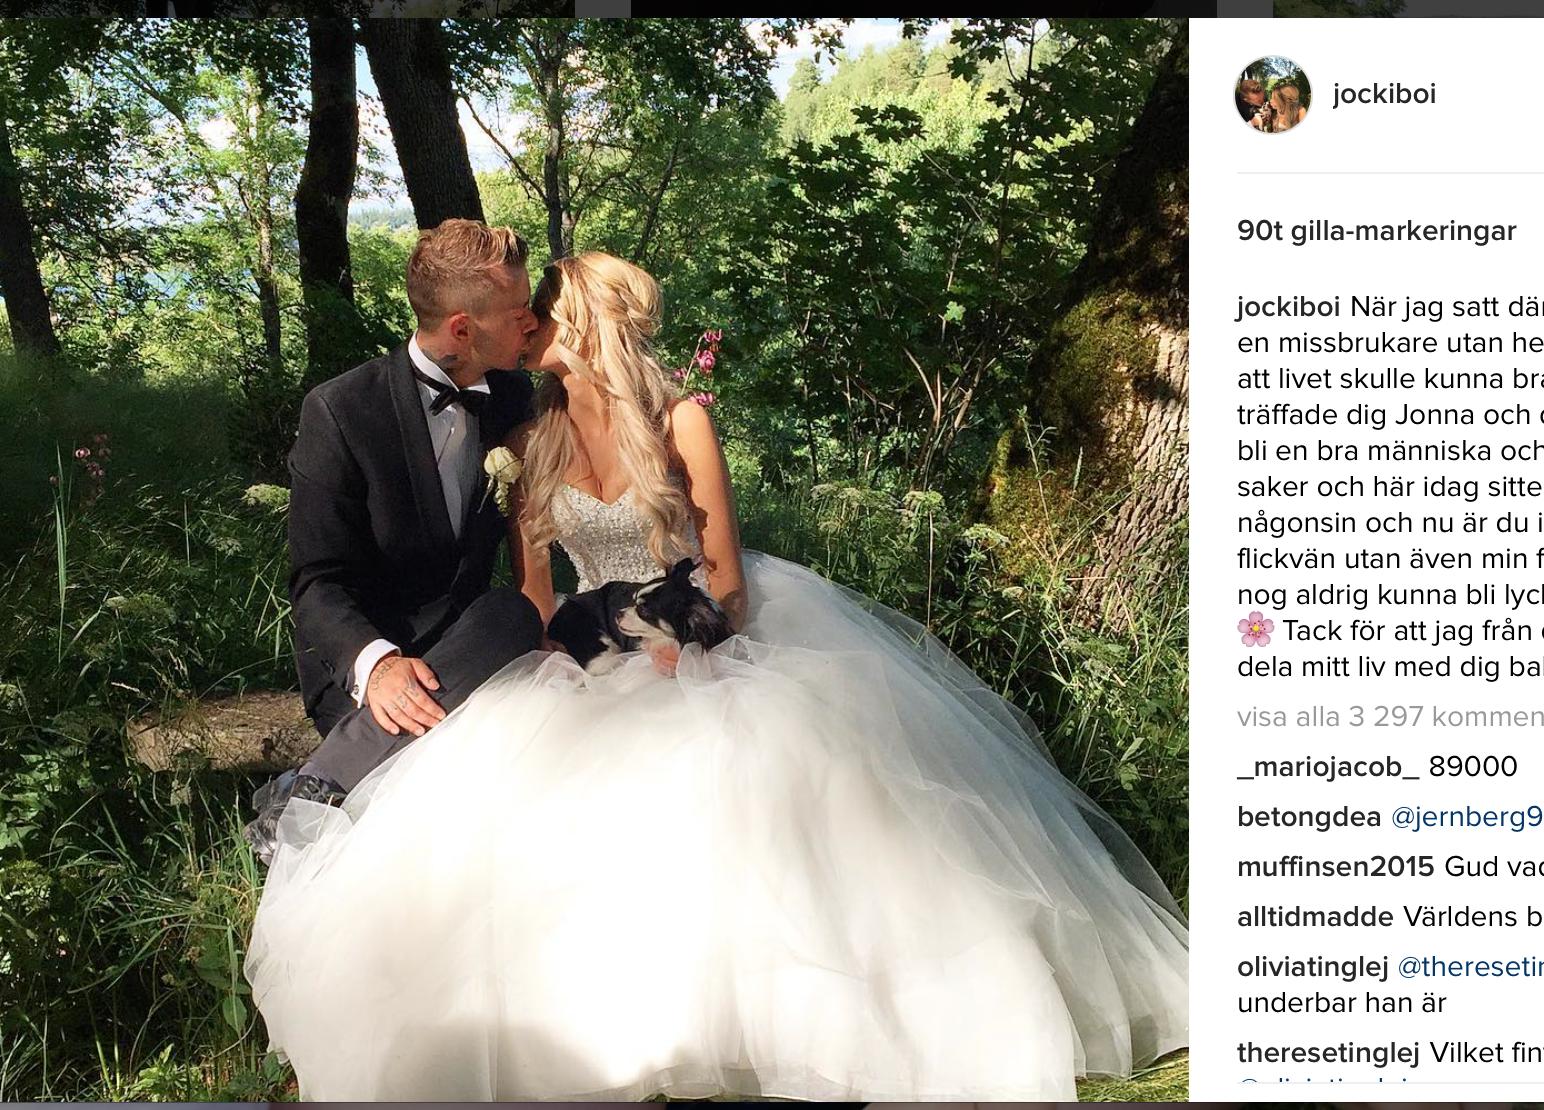 Här gifter sig Jockiboi och Jonna. Bild: Jockibois instagram.